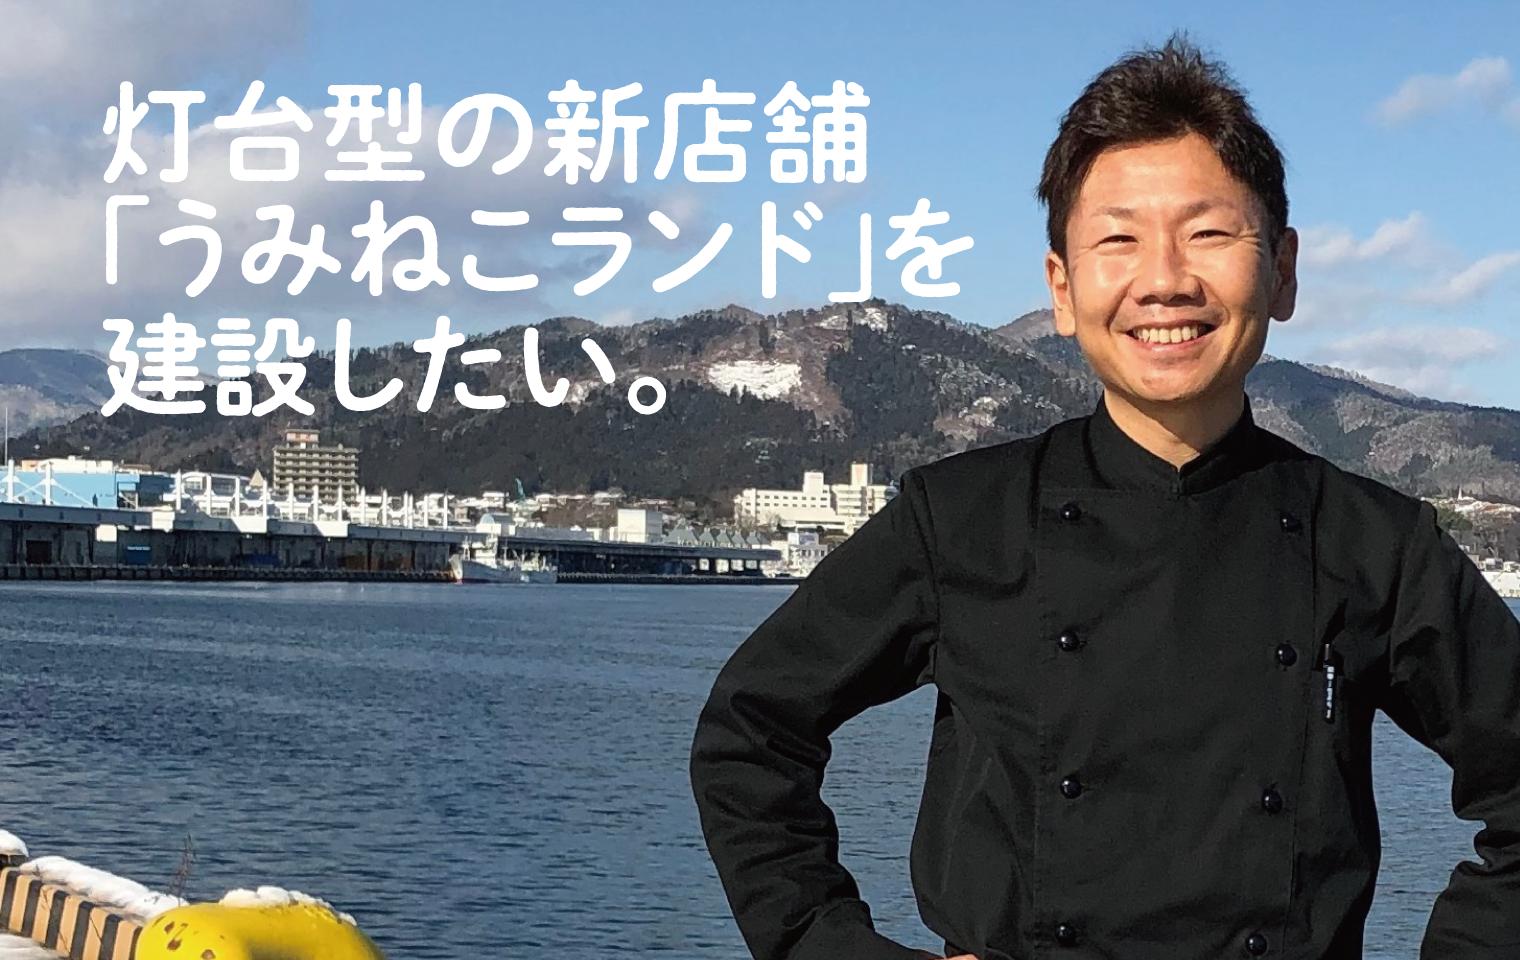 【コヤマ菓子店】笑顔になれるようなお菓子と、笑っちゃうような世界観を届ける「灯台型の新店舗うみねこランド」を建設したい。